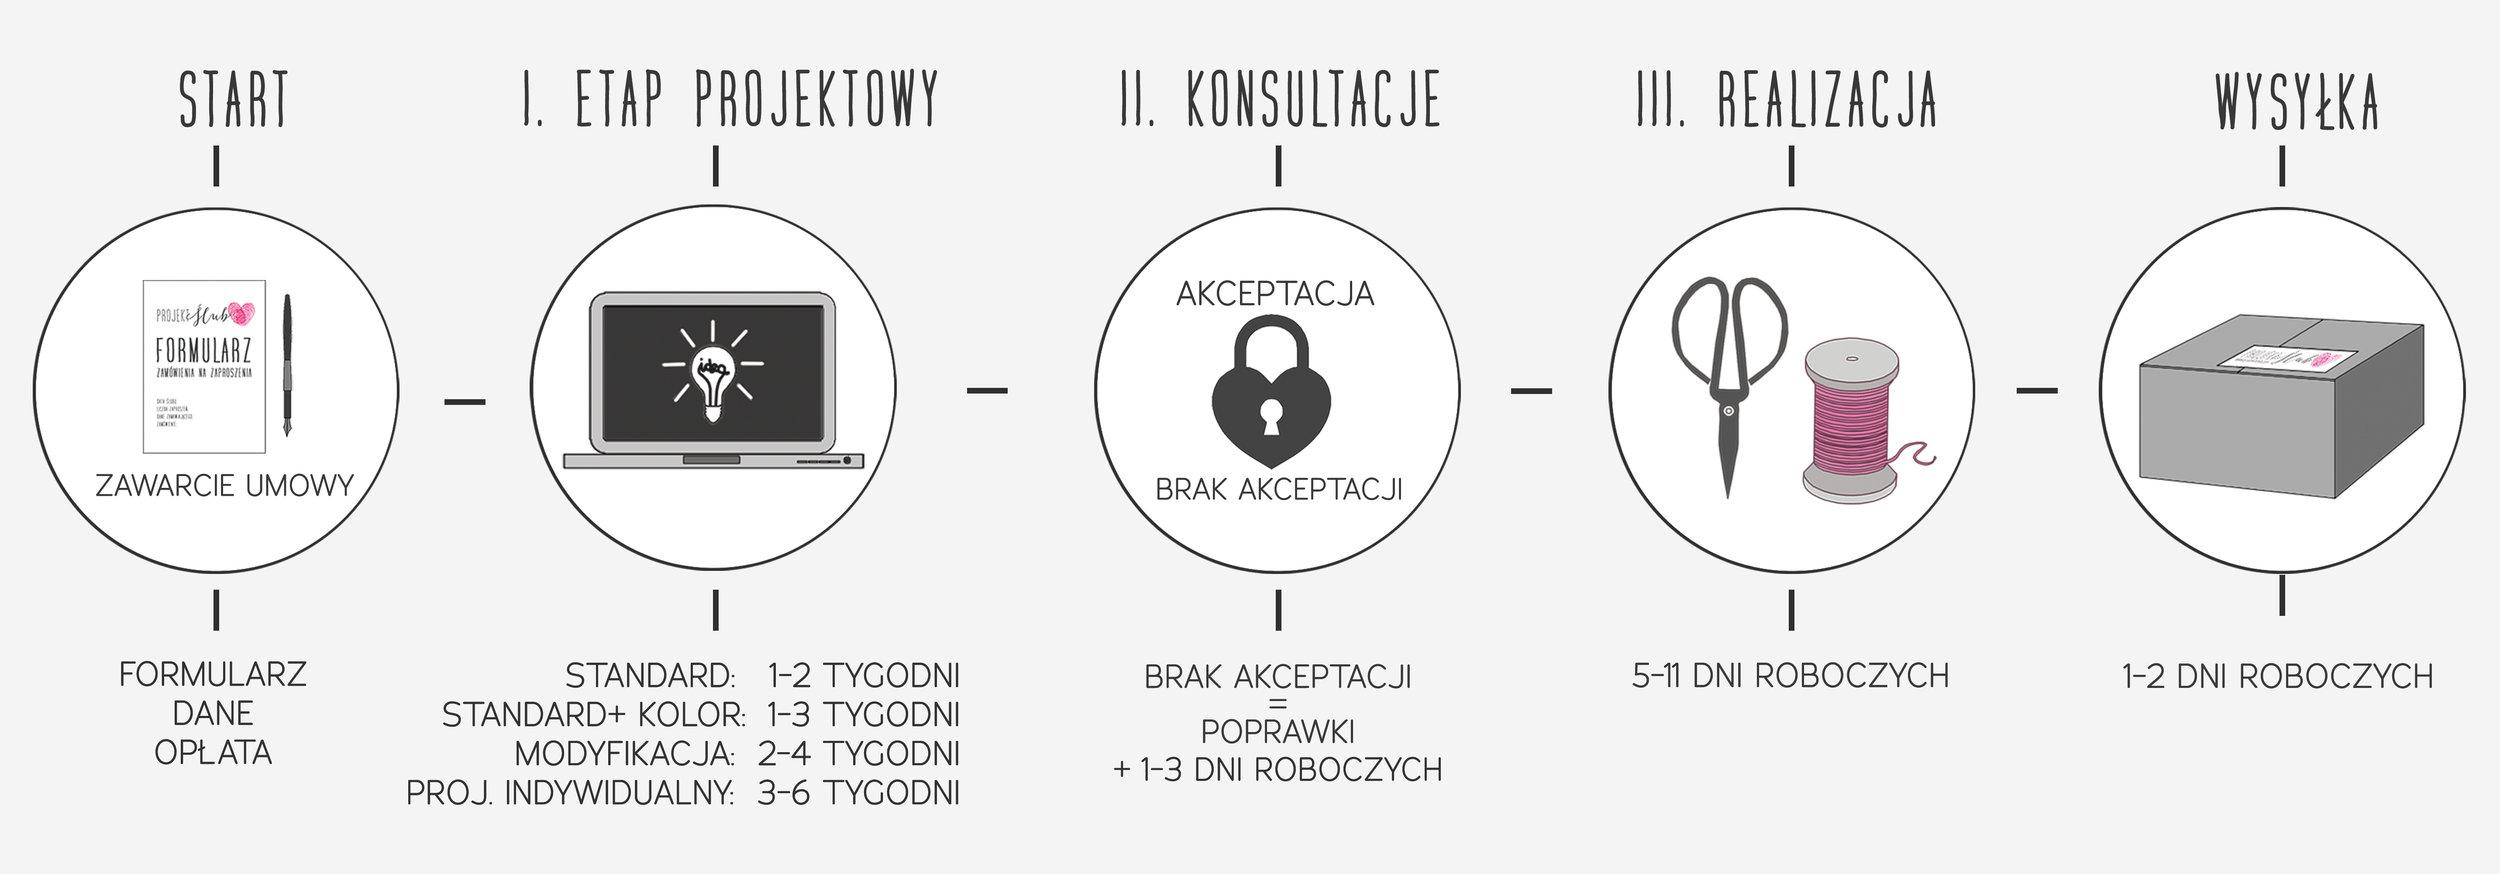 Projekt-Ślub-zaproszenia-ślubne-czas-realizacji-schemat-terminy.jpg